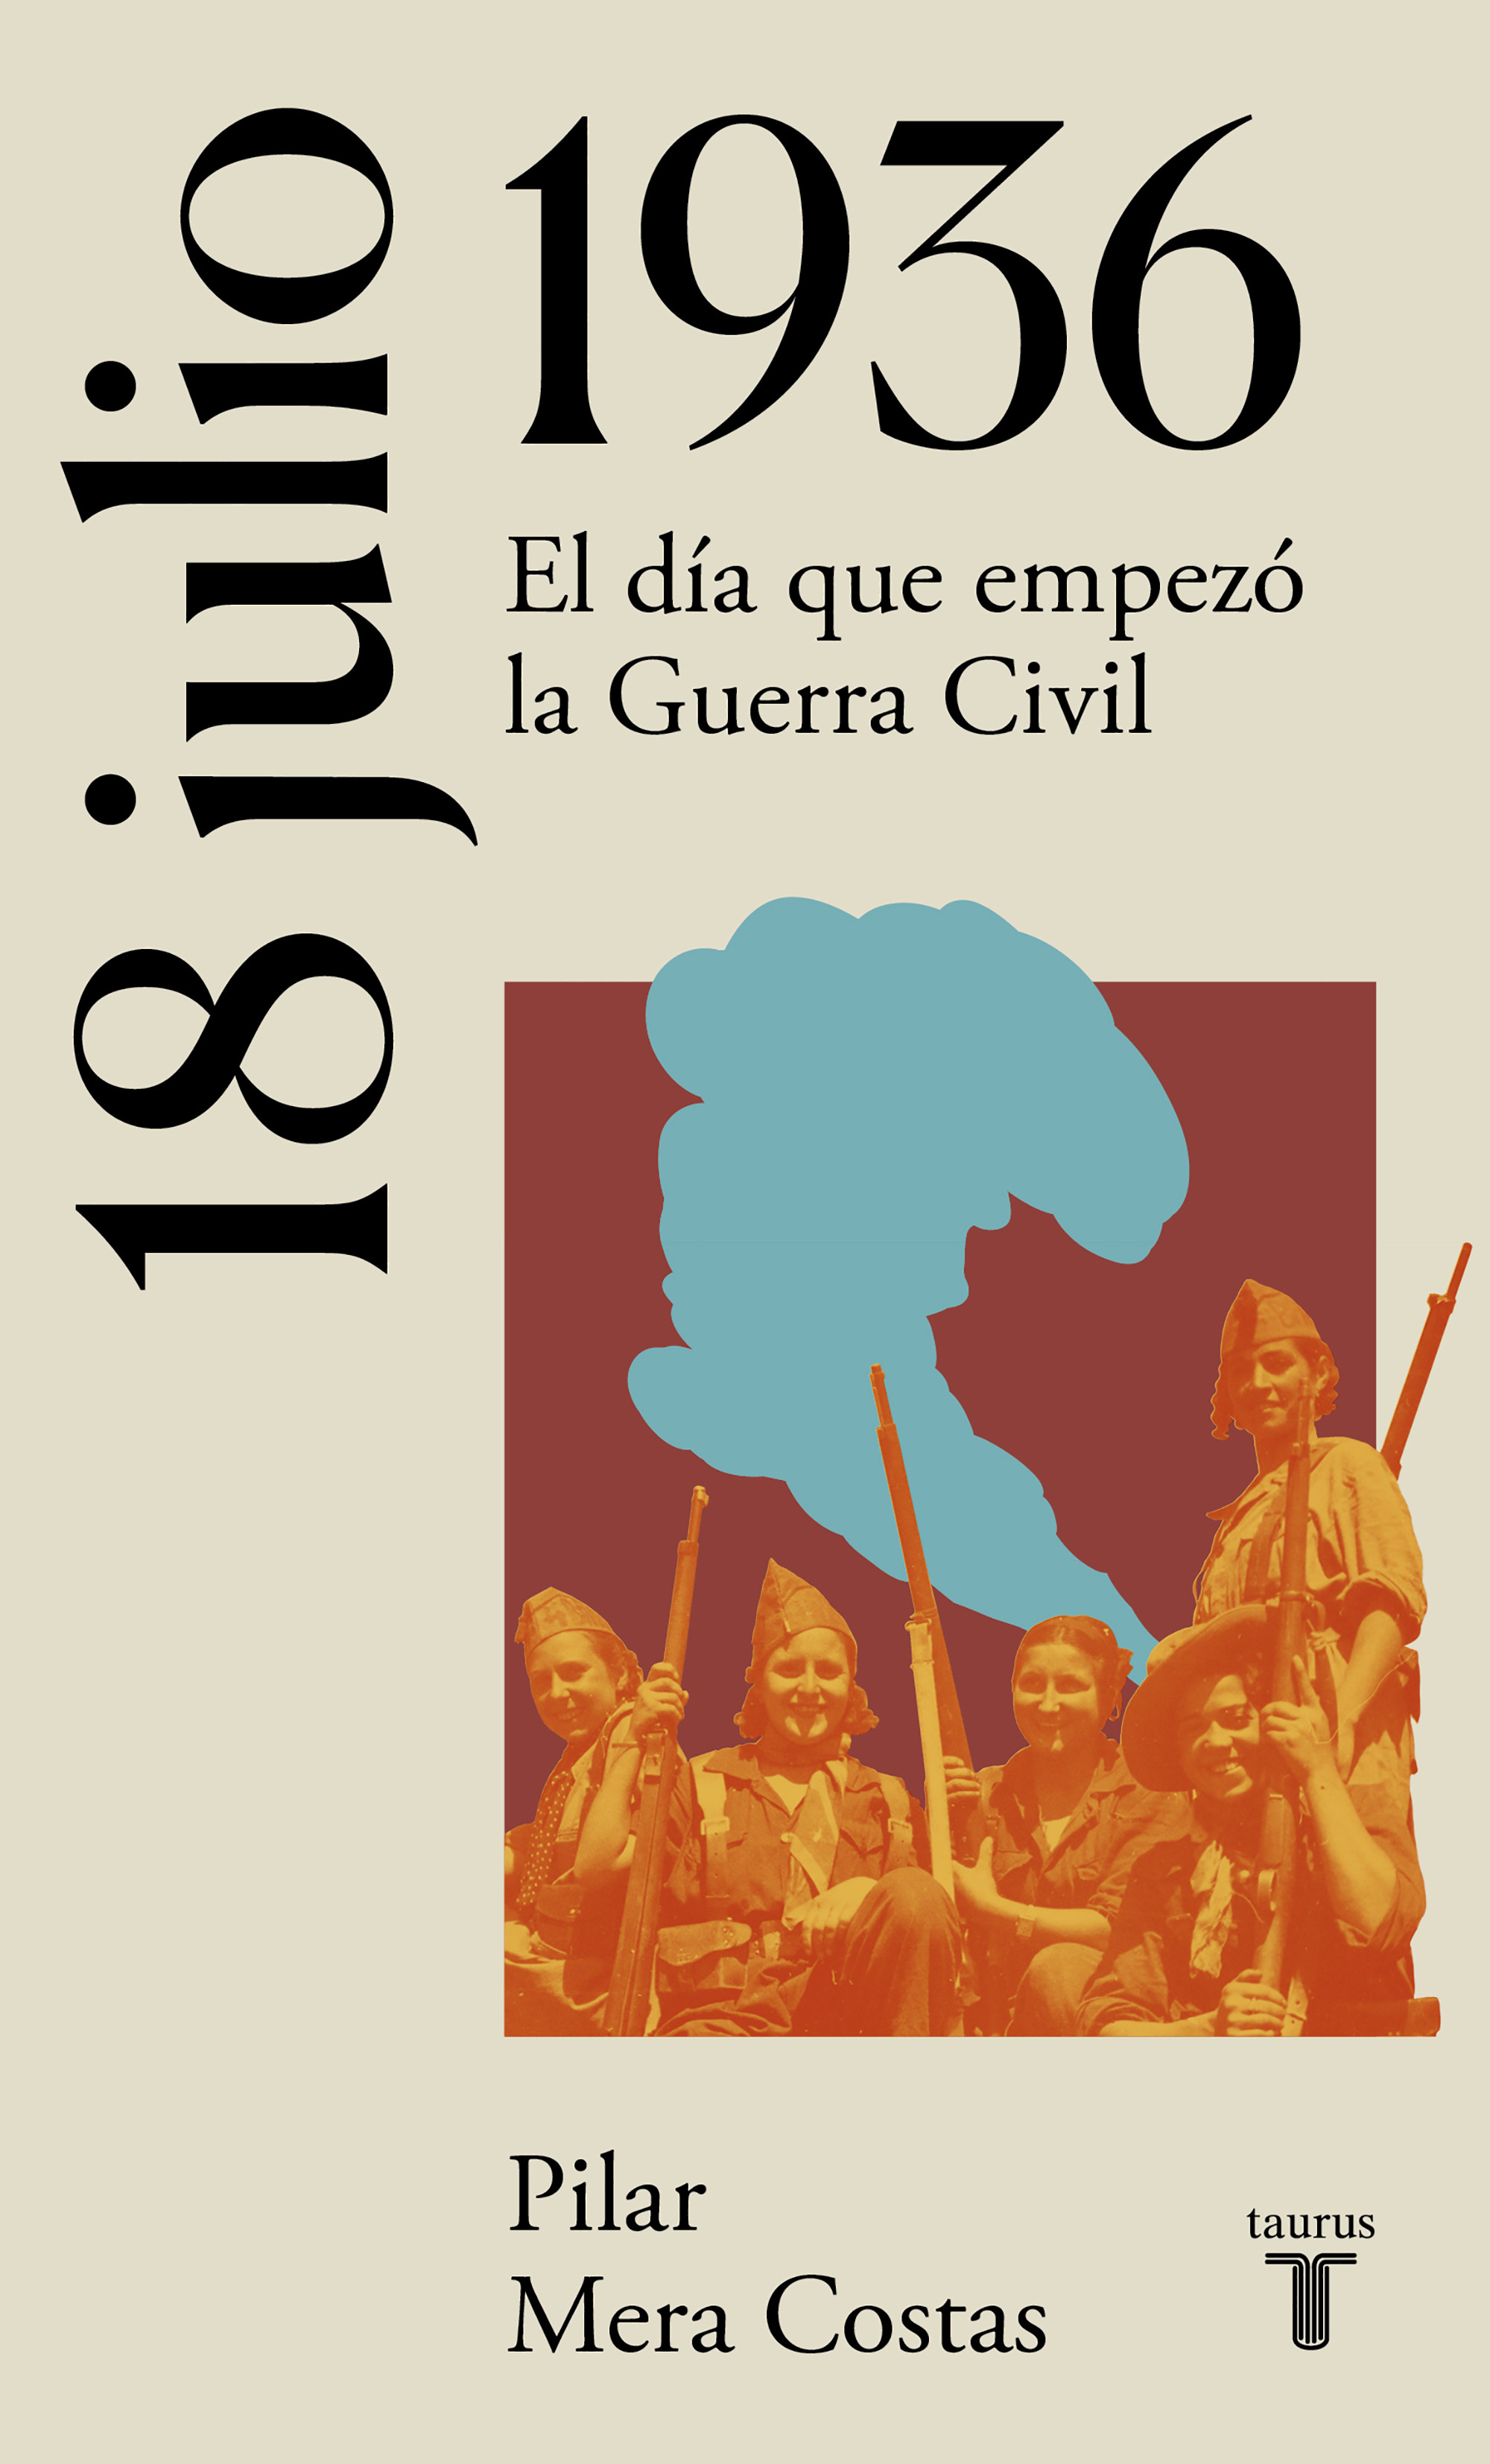 18 de julio de 1936. Hacia la Guerra Civil española